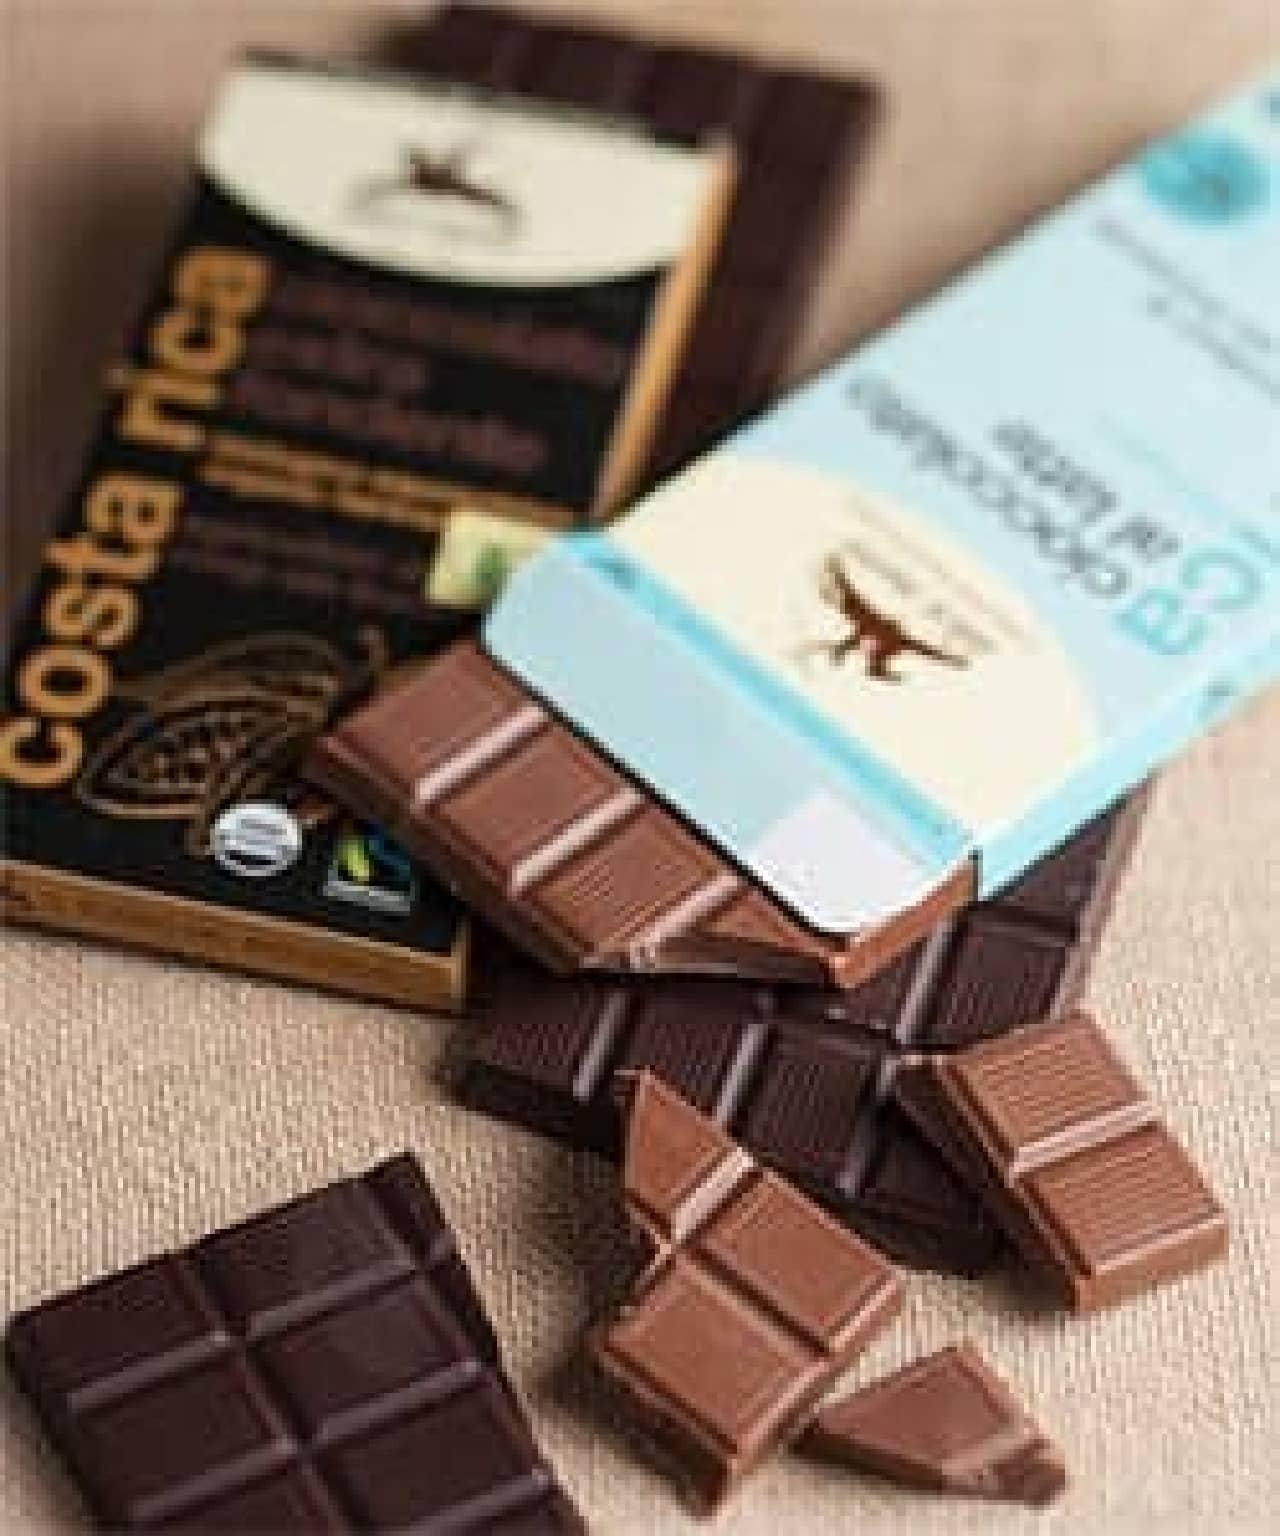 「アルチェネロ」の板チョコレート